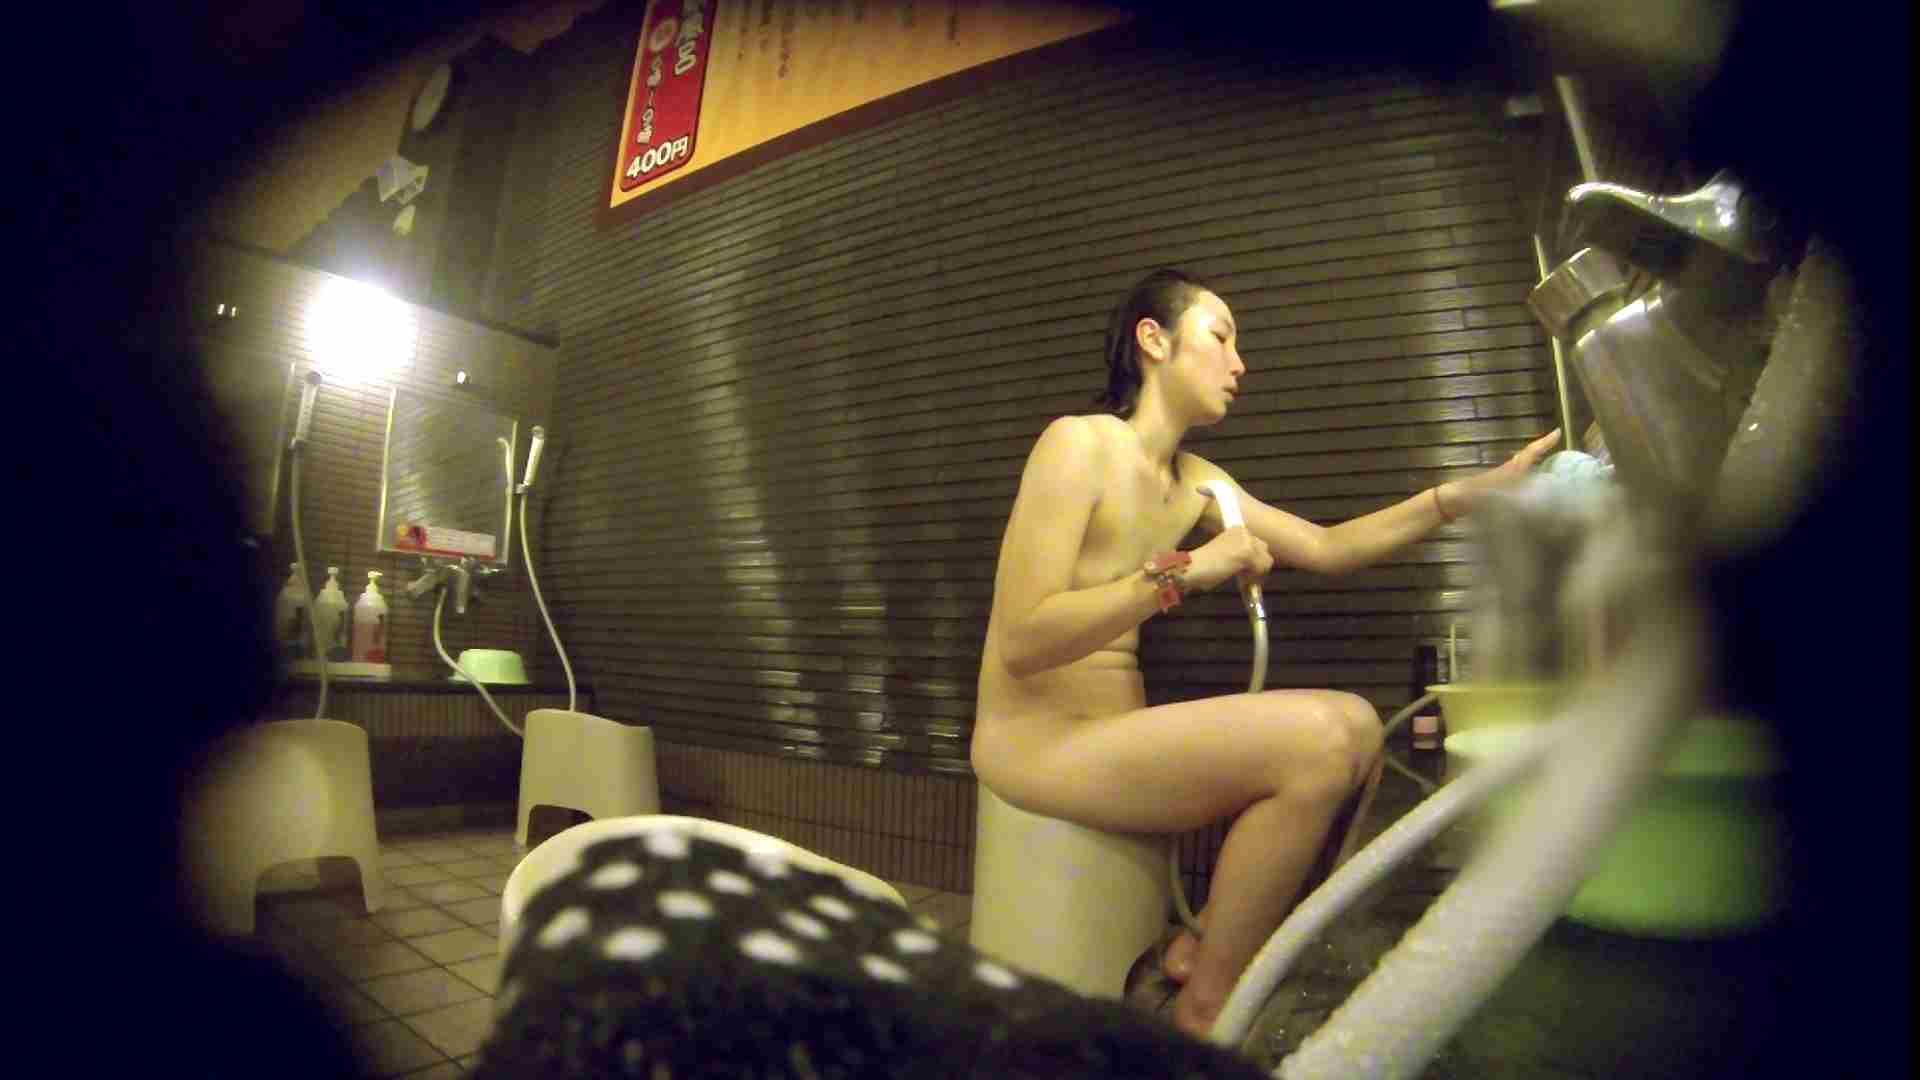 盗撮AV:洗い場!清楚っぷりと貧乳っぷりが良いです。:怪盗ジョーカー